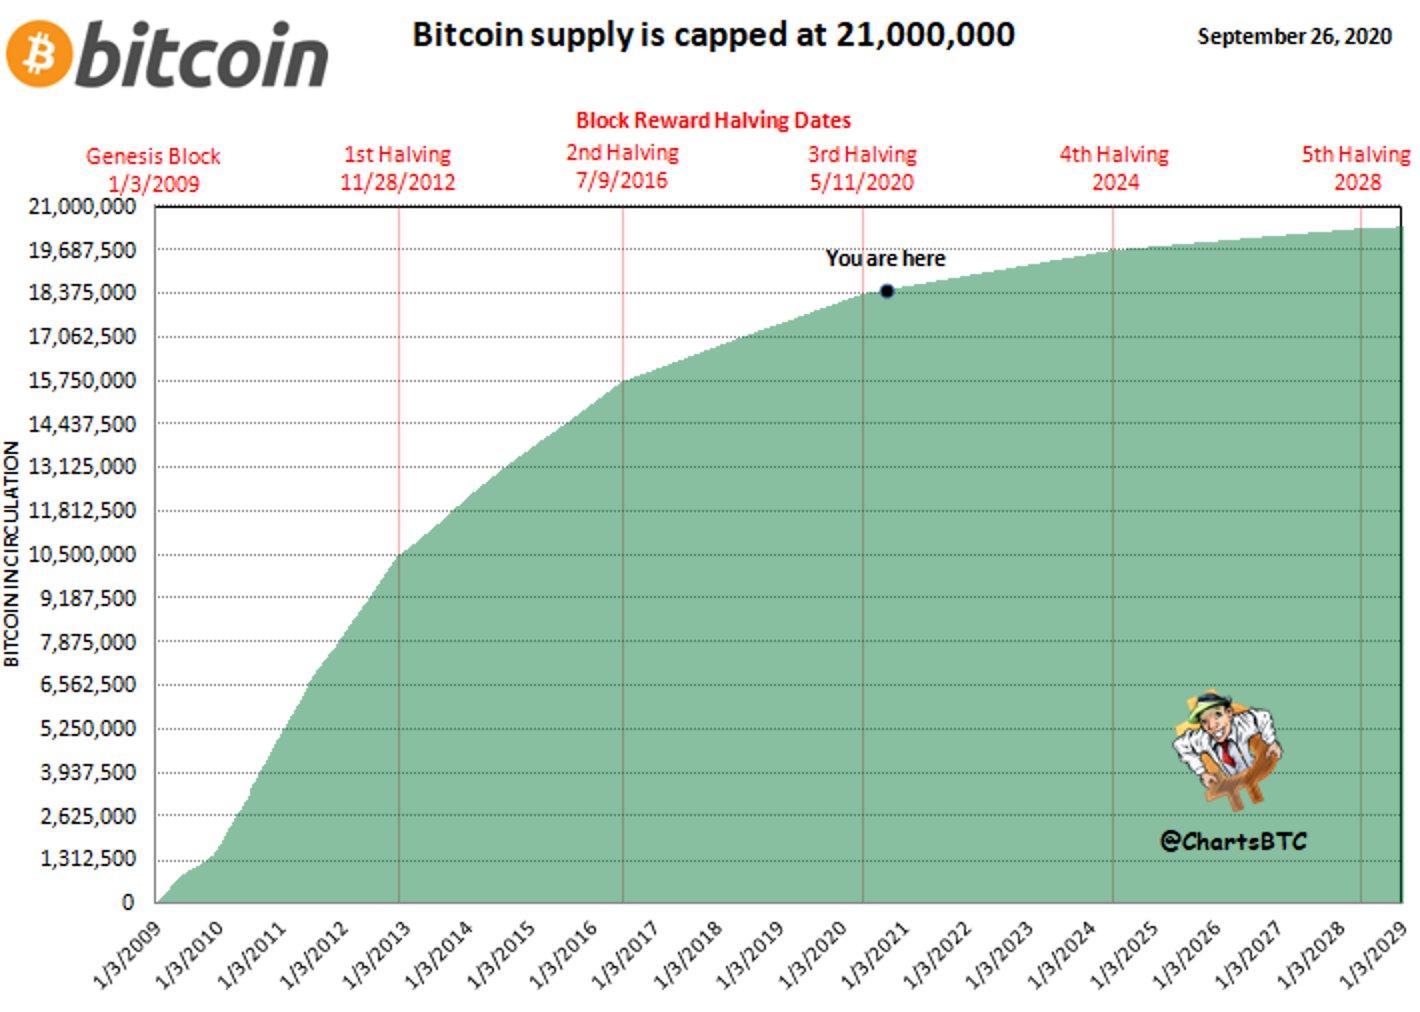 Už zbývá vytěžit pouze 2,5 milionu Bitcoinů